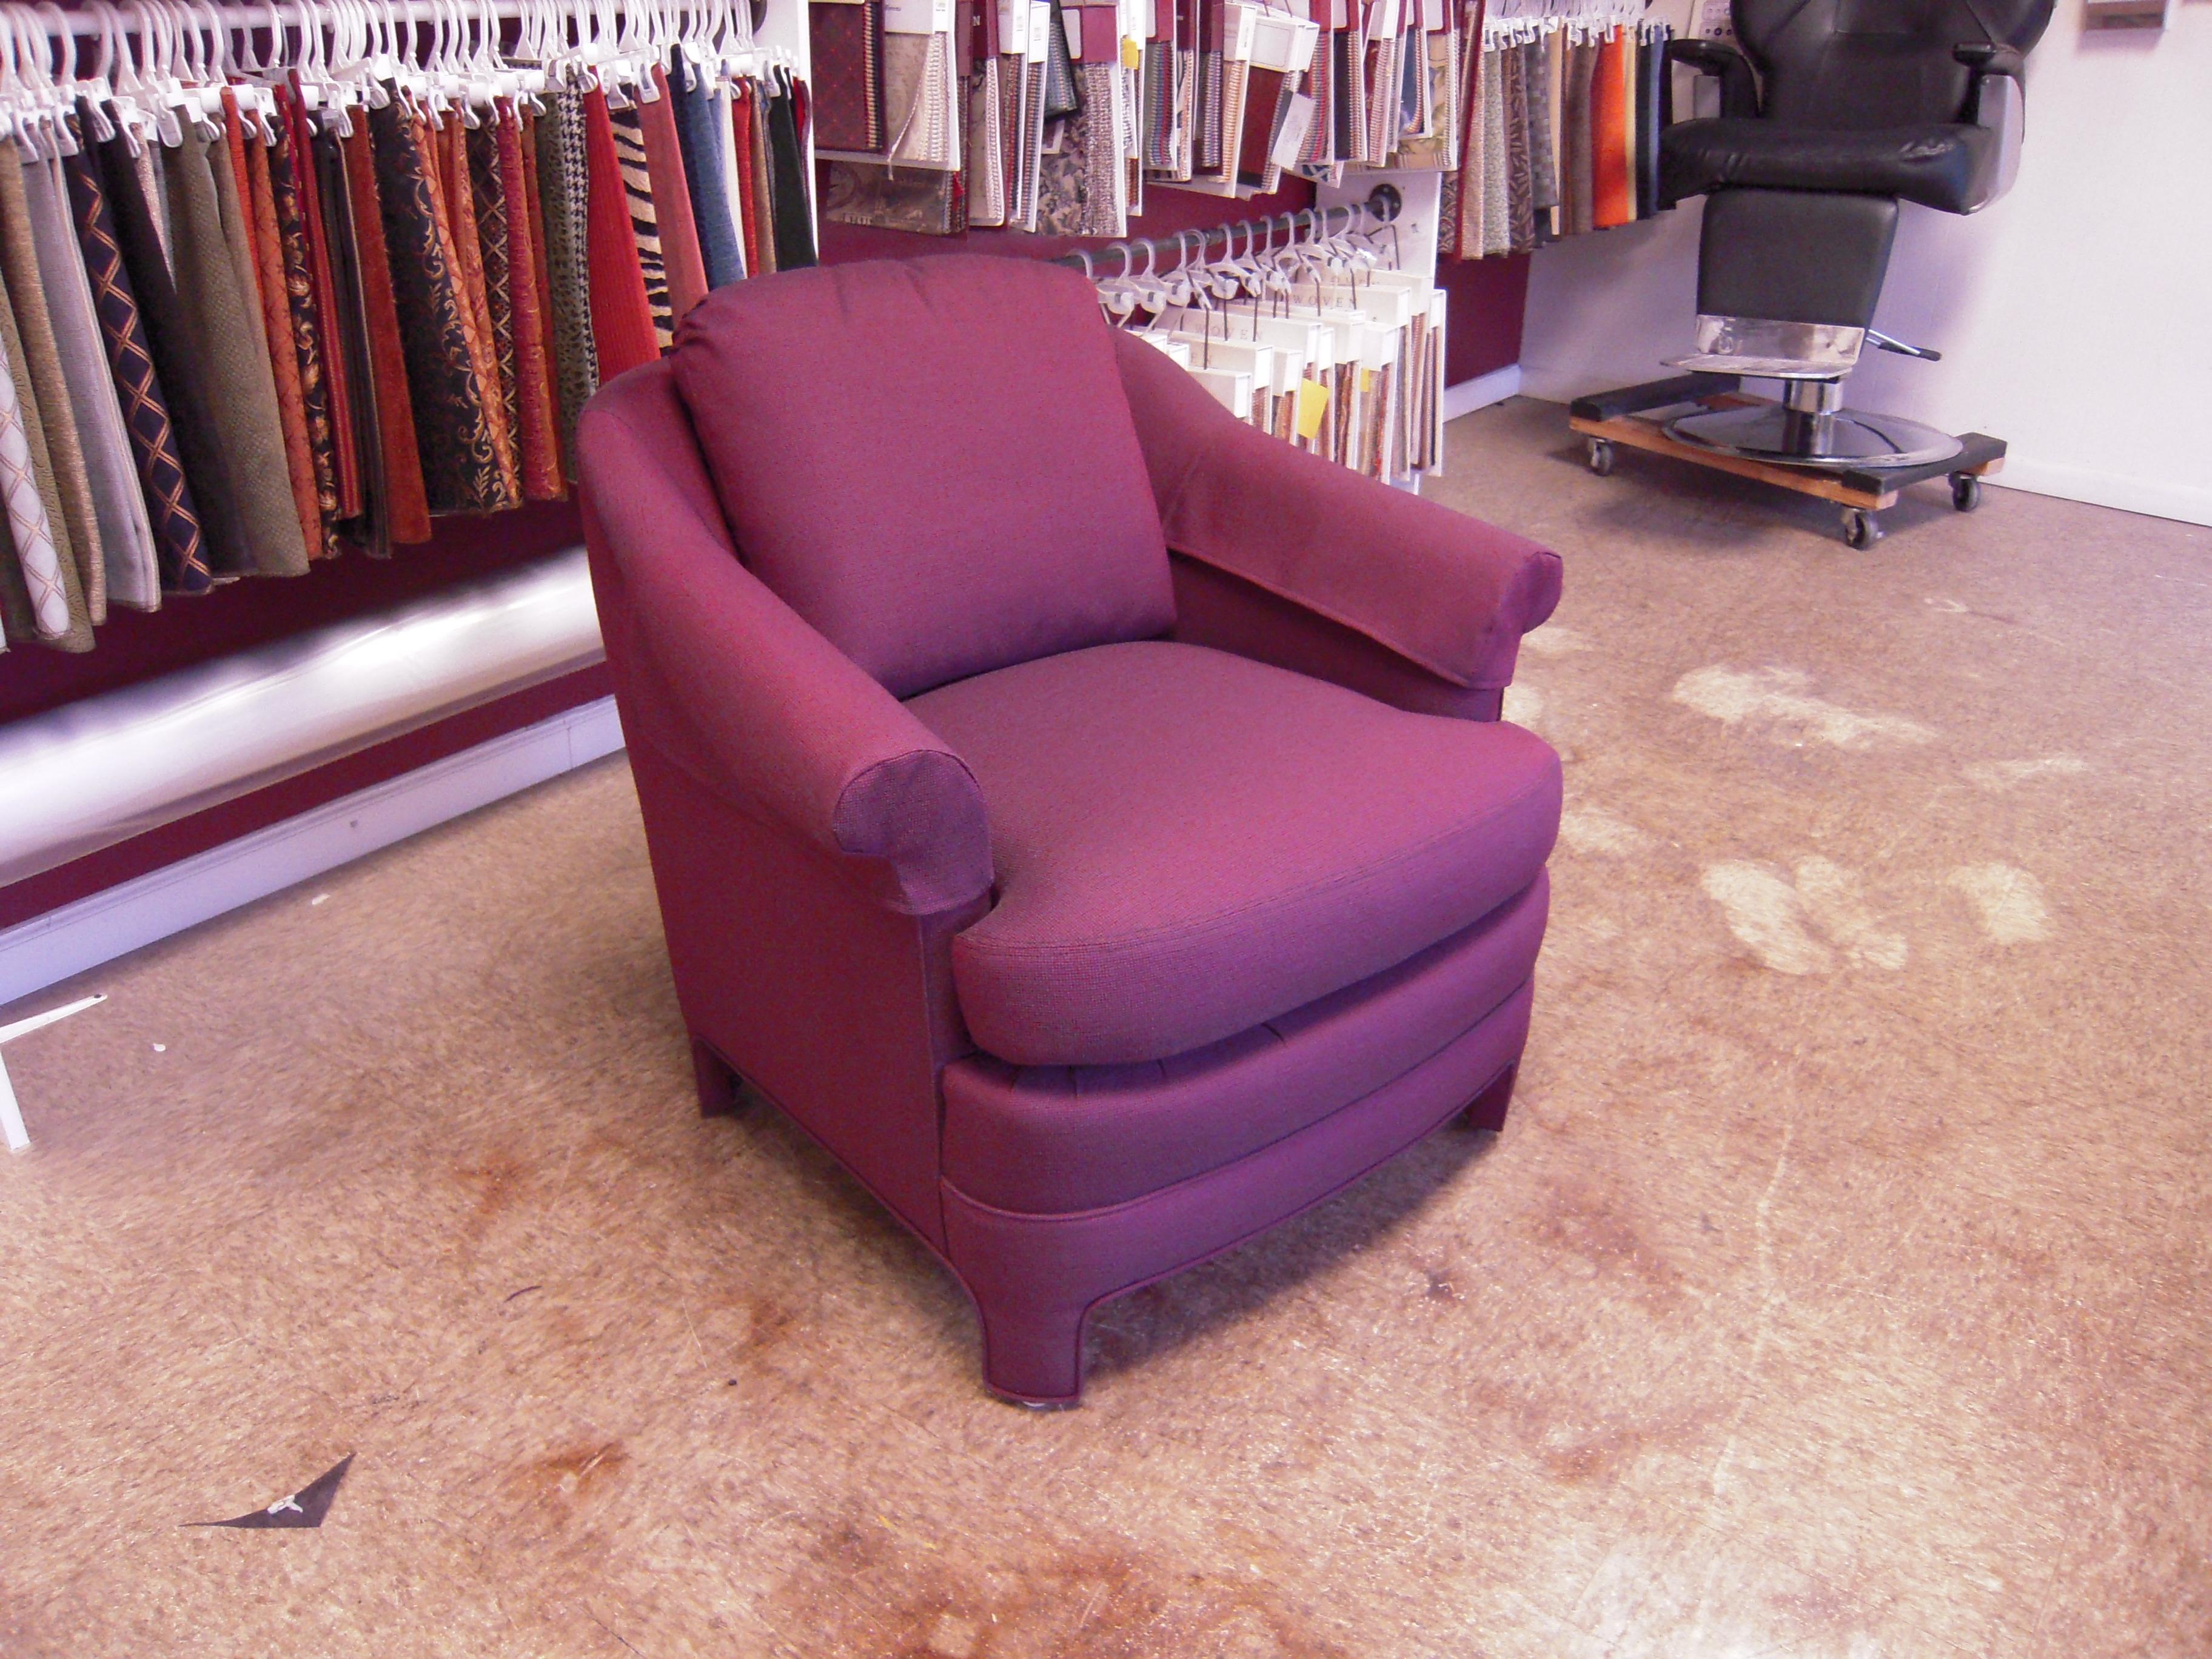 Chair A 01.JPG